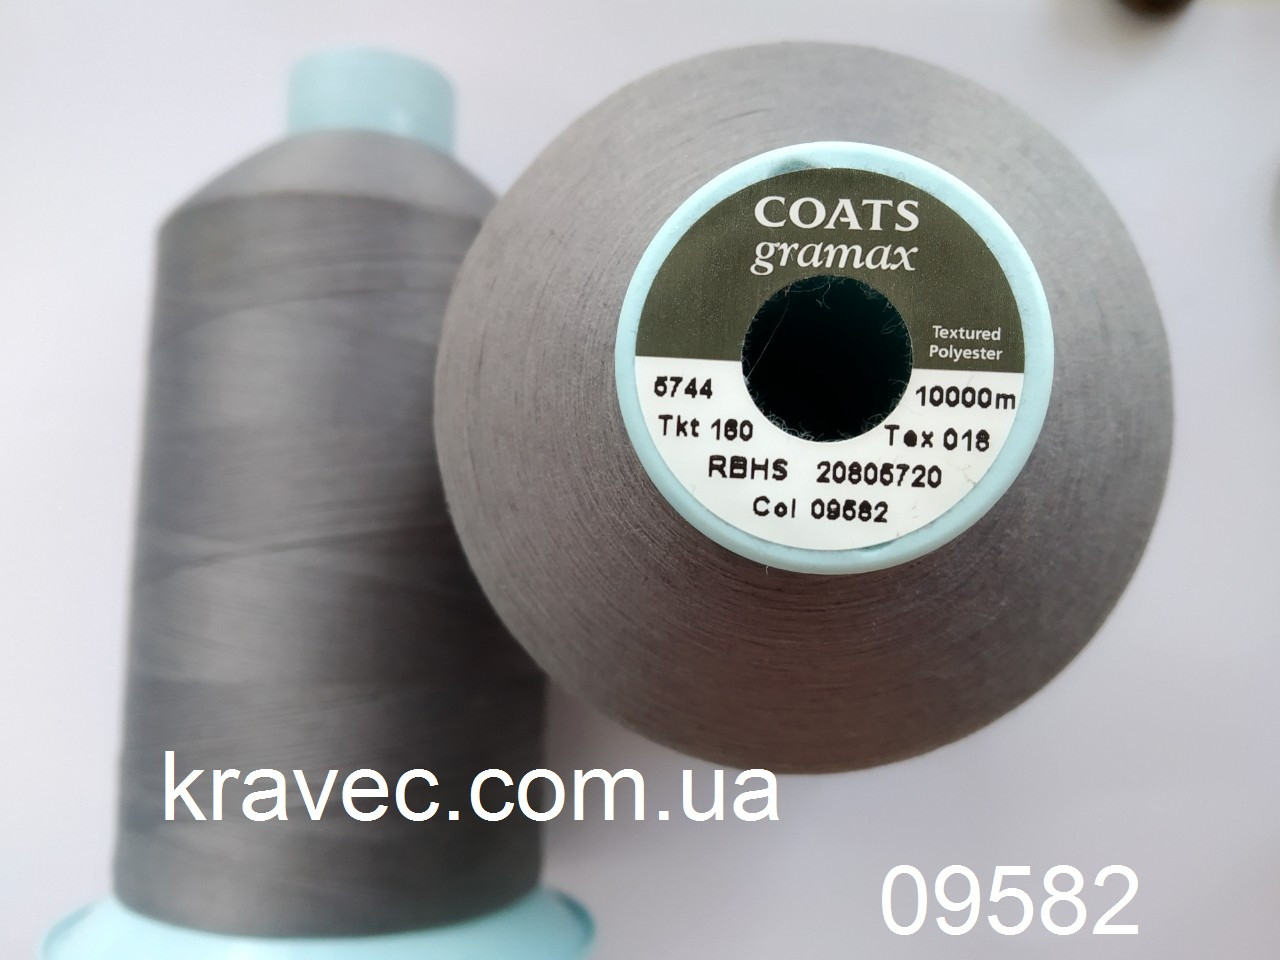 Текстурована нитка Coats gramax 160/ 10000м /09582